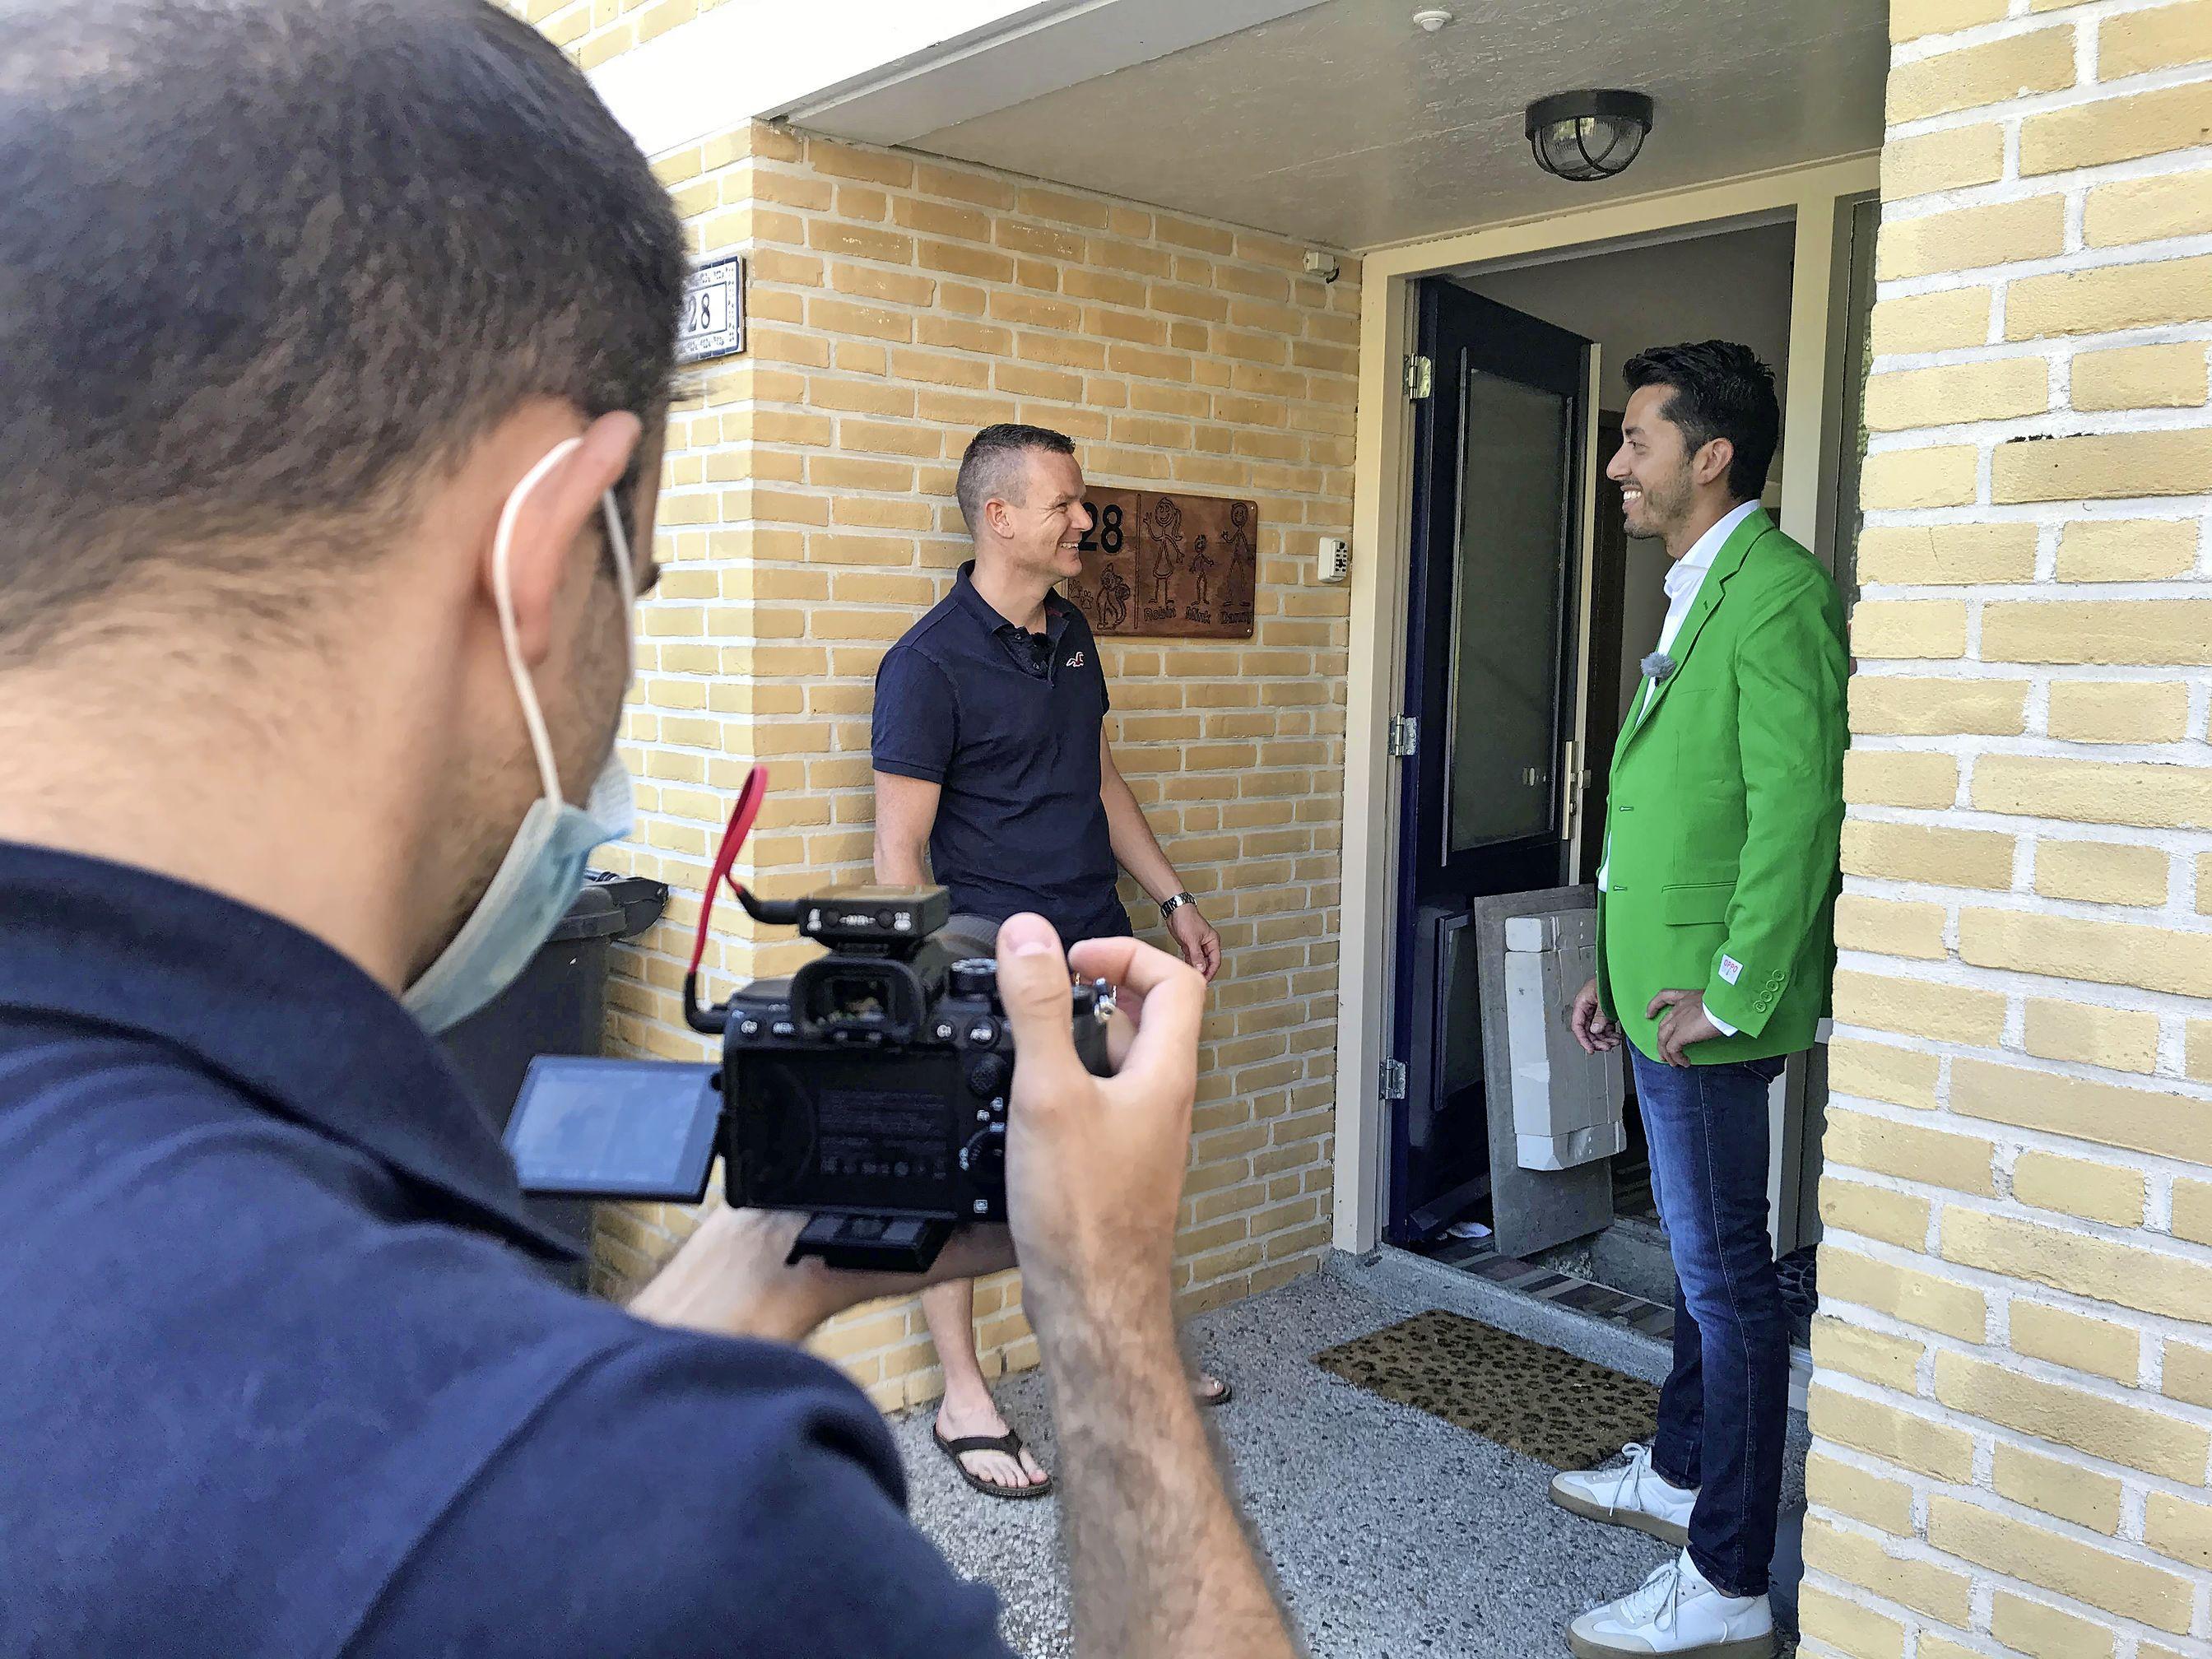 Digitaal gluren bij duurzame buren. Inwoners uit regio Alkmaar worden elke avond digitaal rondgeleid door een duurzame woning